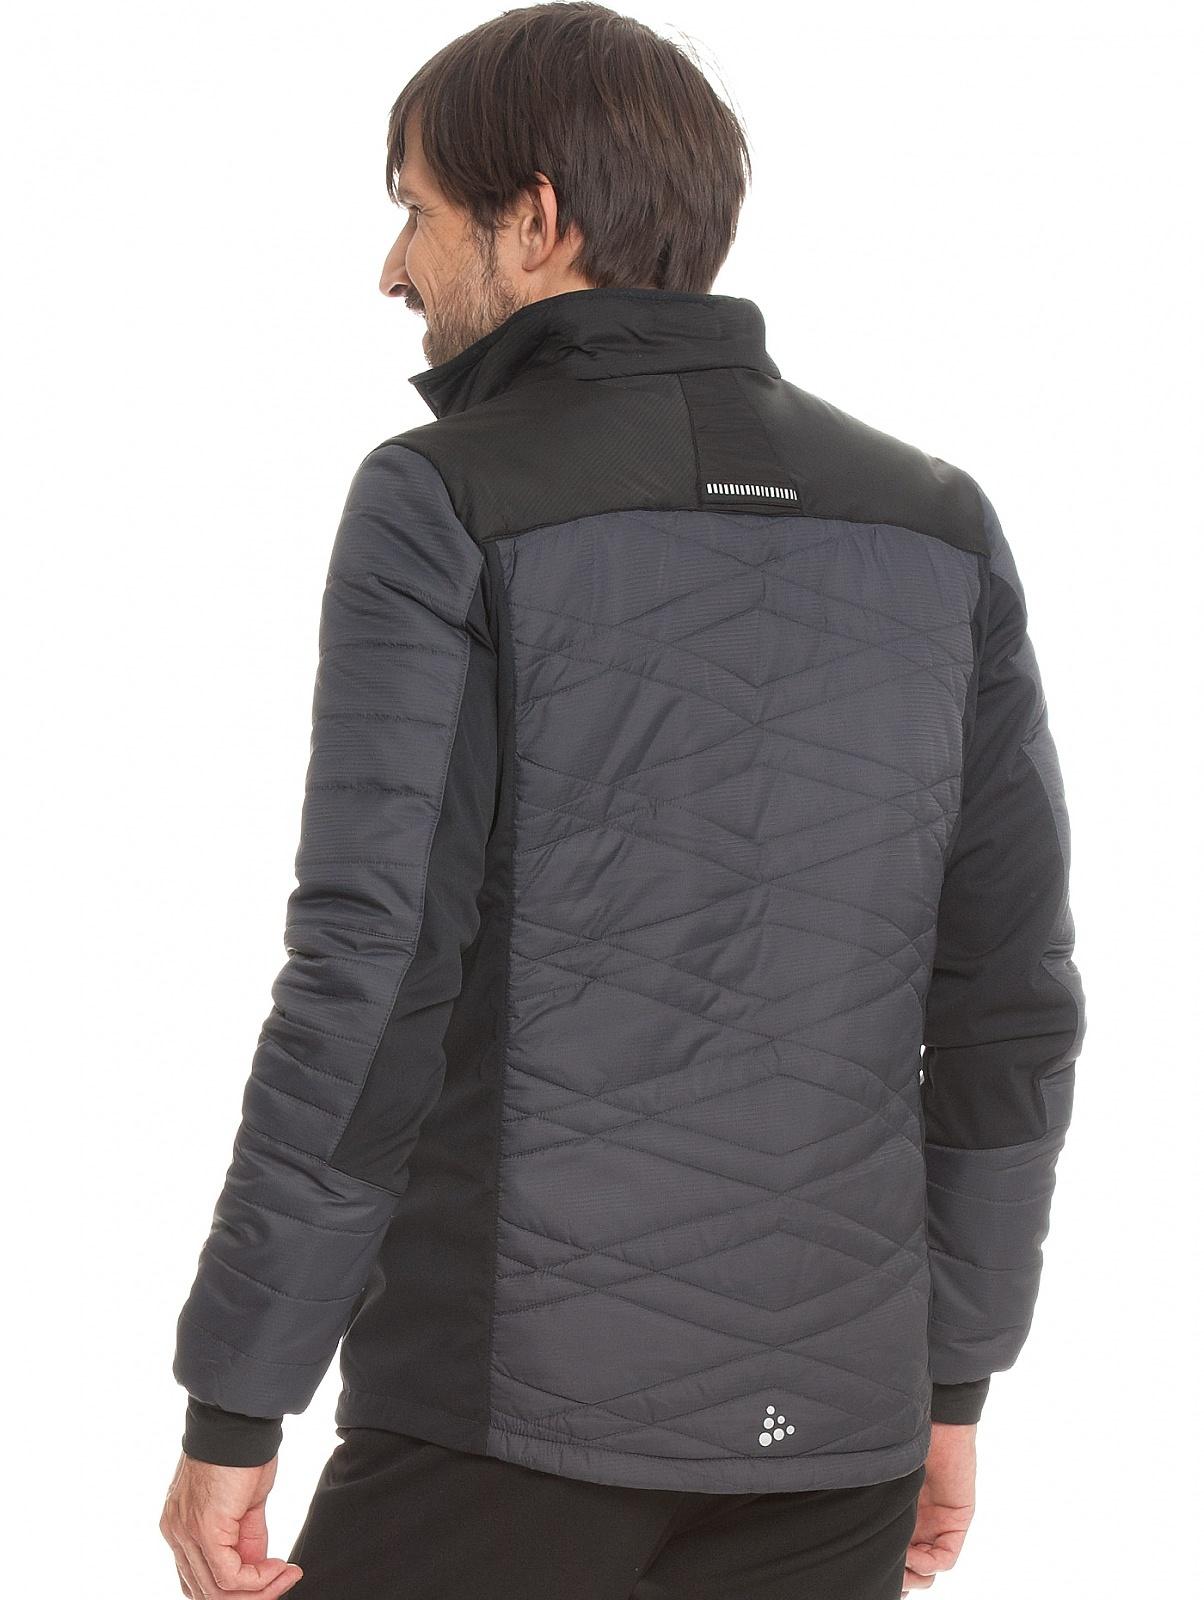 Мужская лыжная куртка с утеплителем Craft Insulation XC 1903577-2995